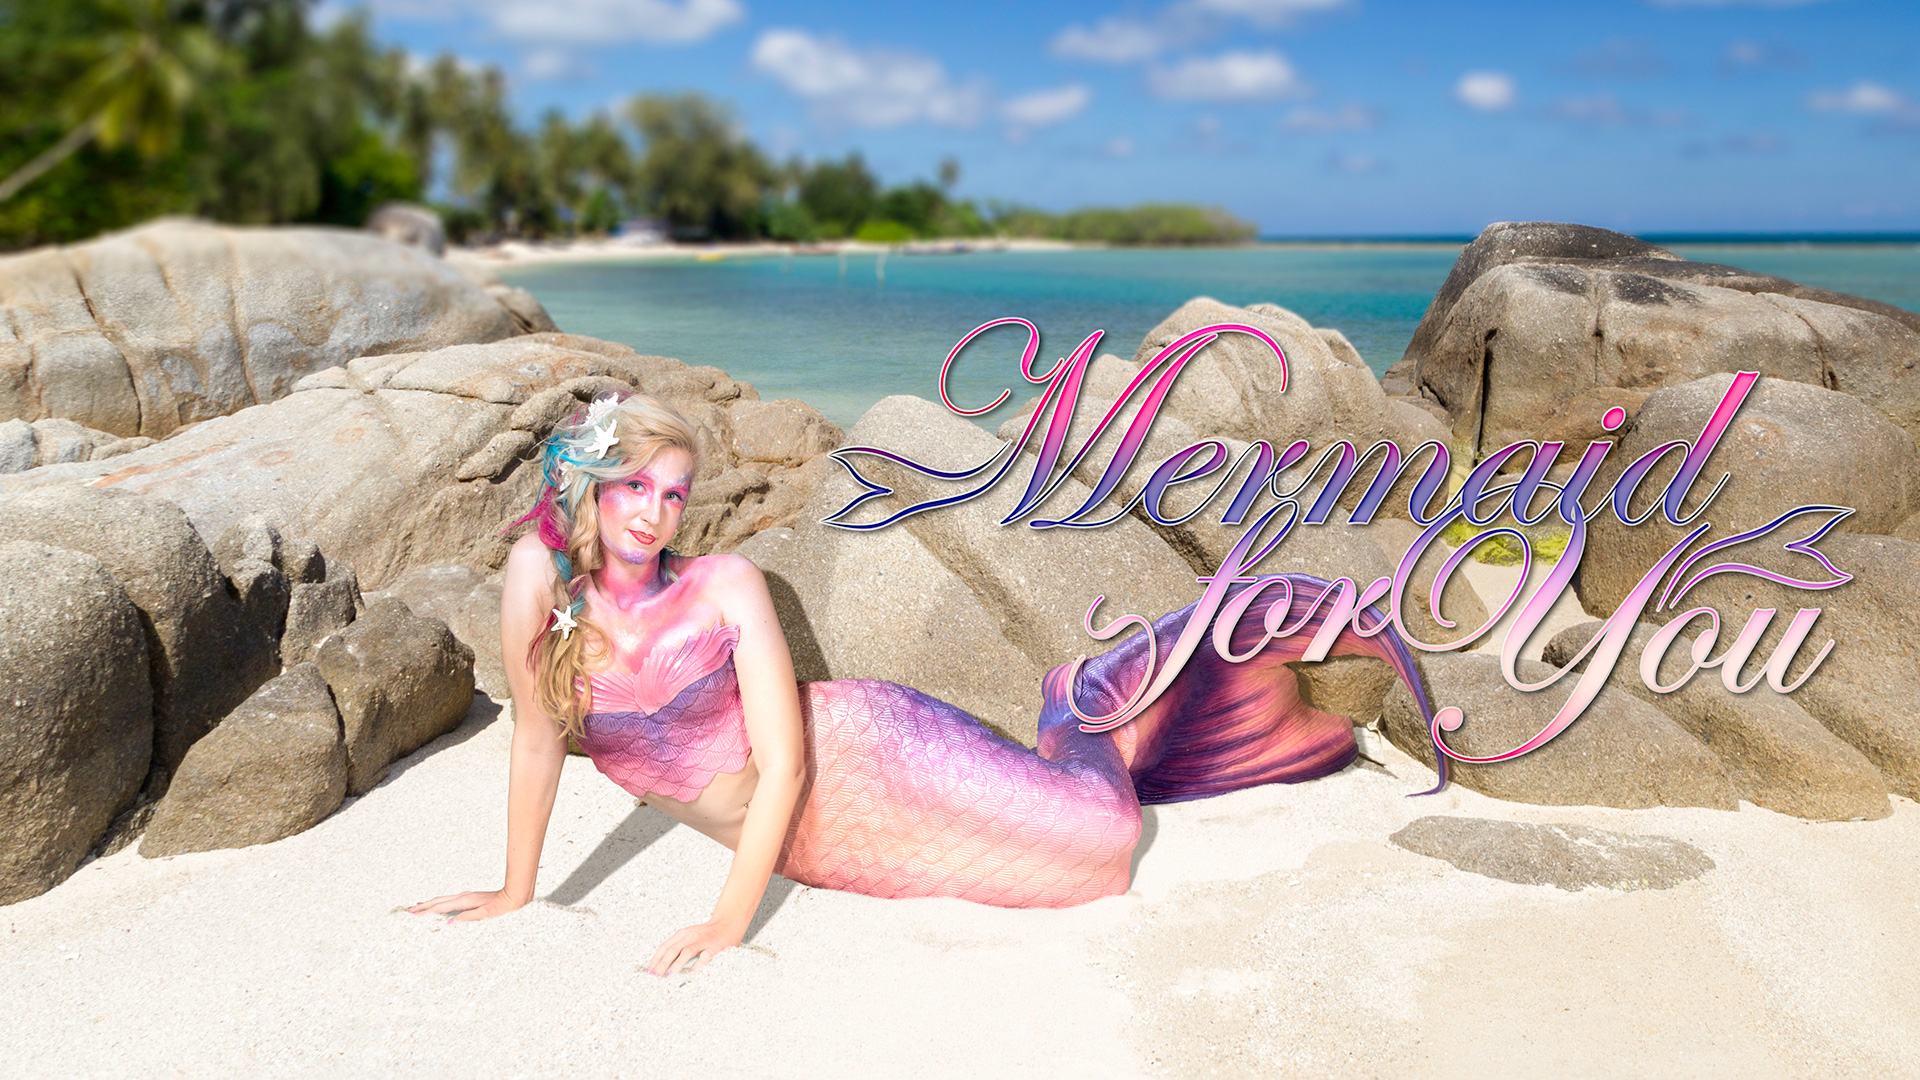 Mermaid for you - Mermaid4you